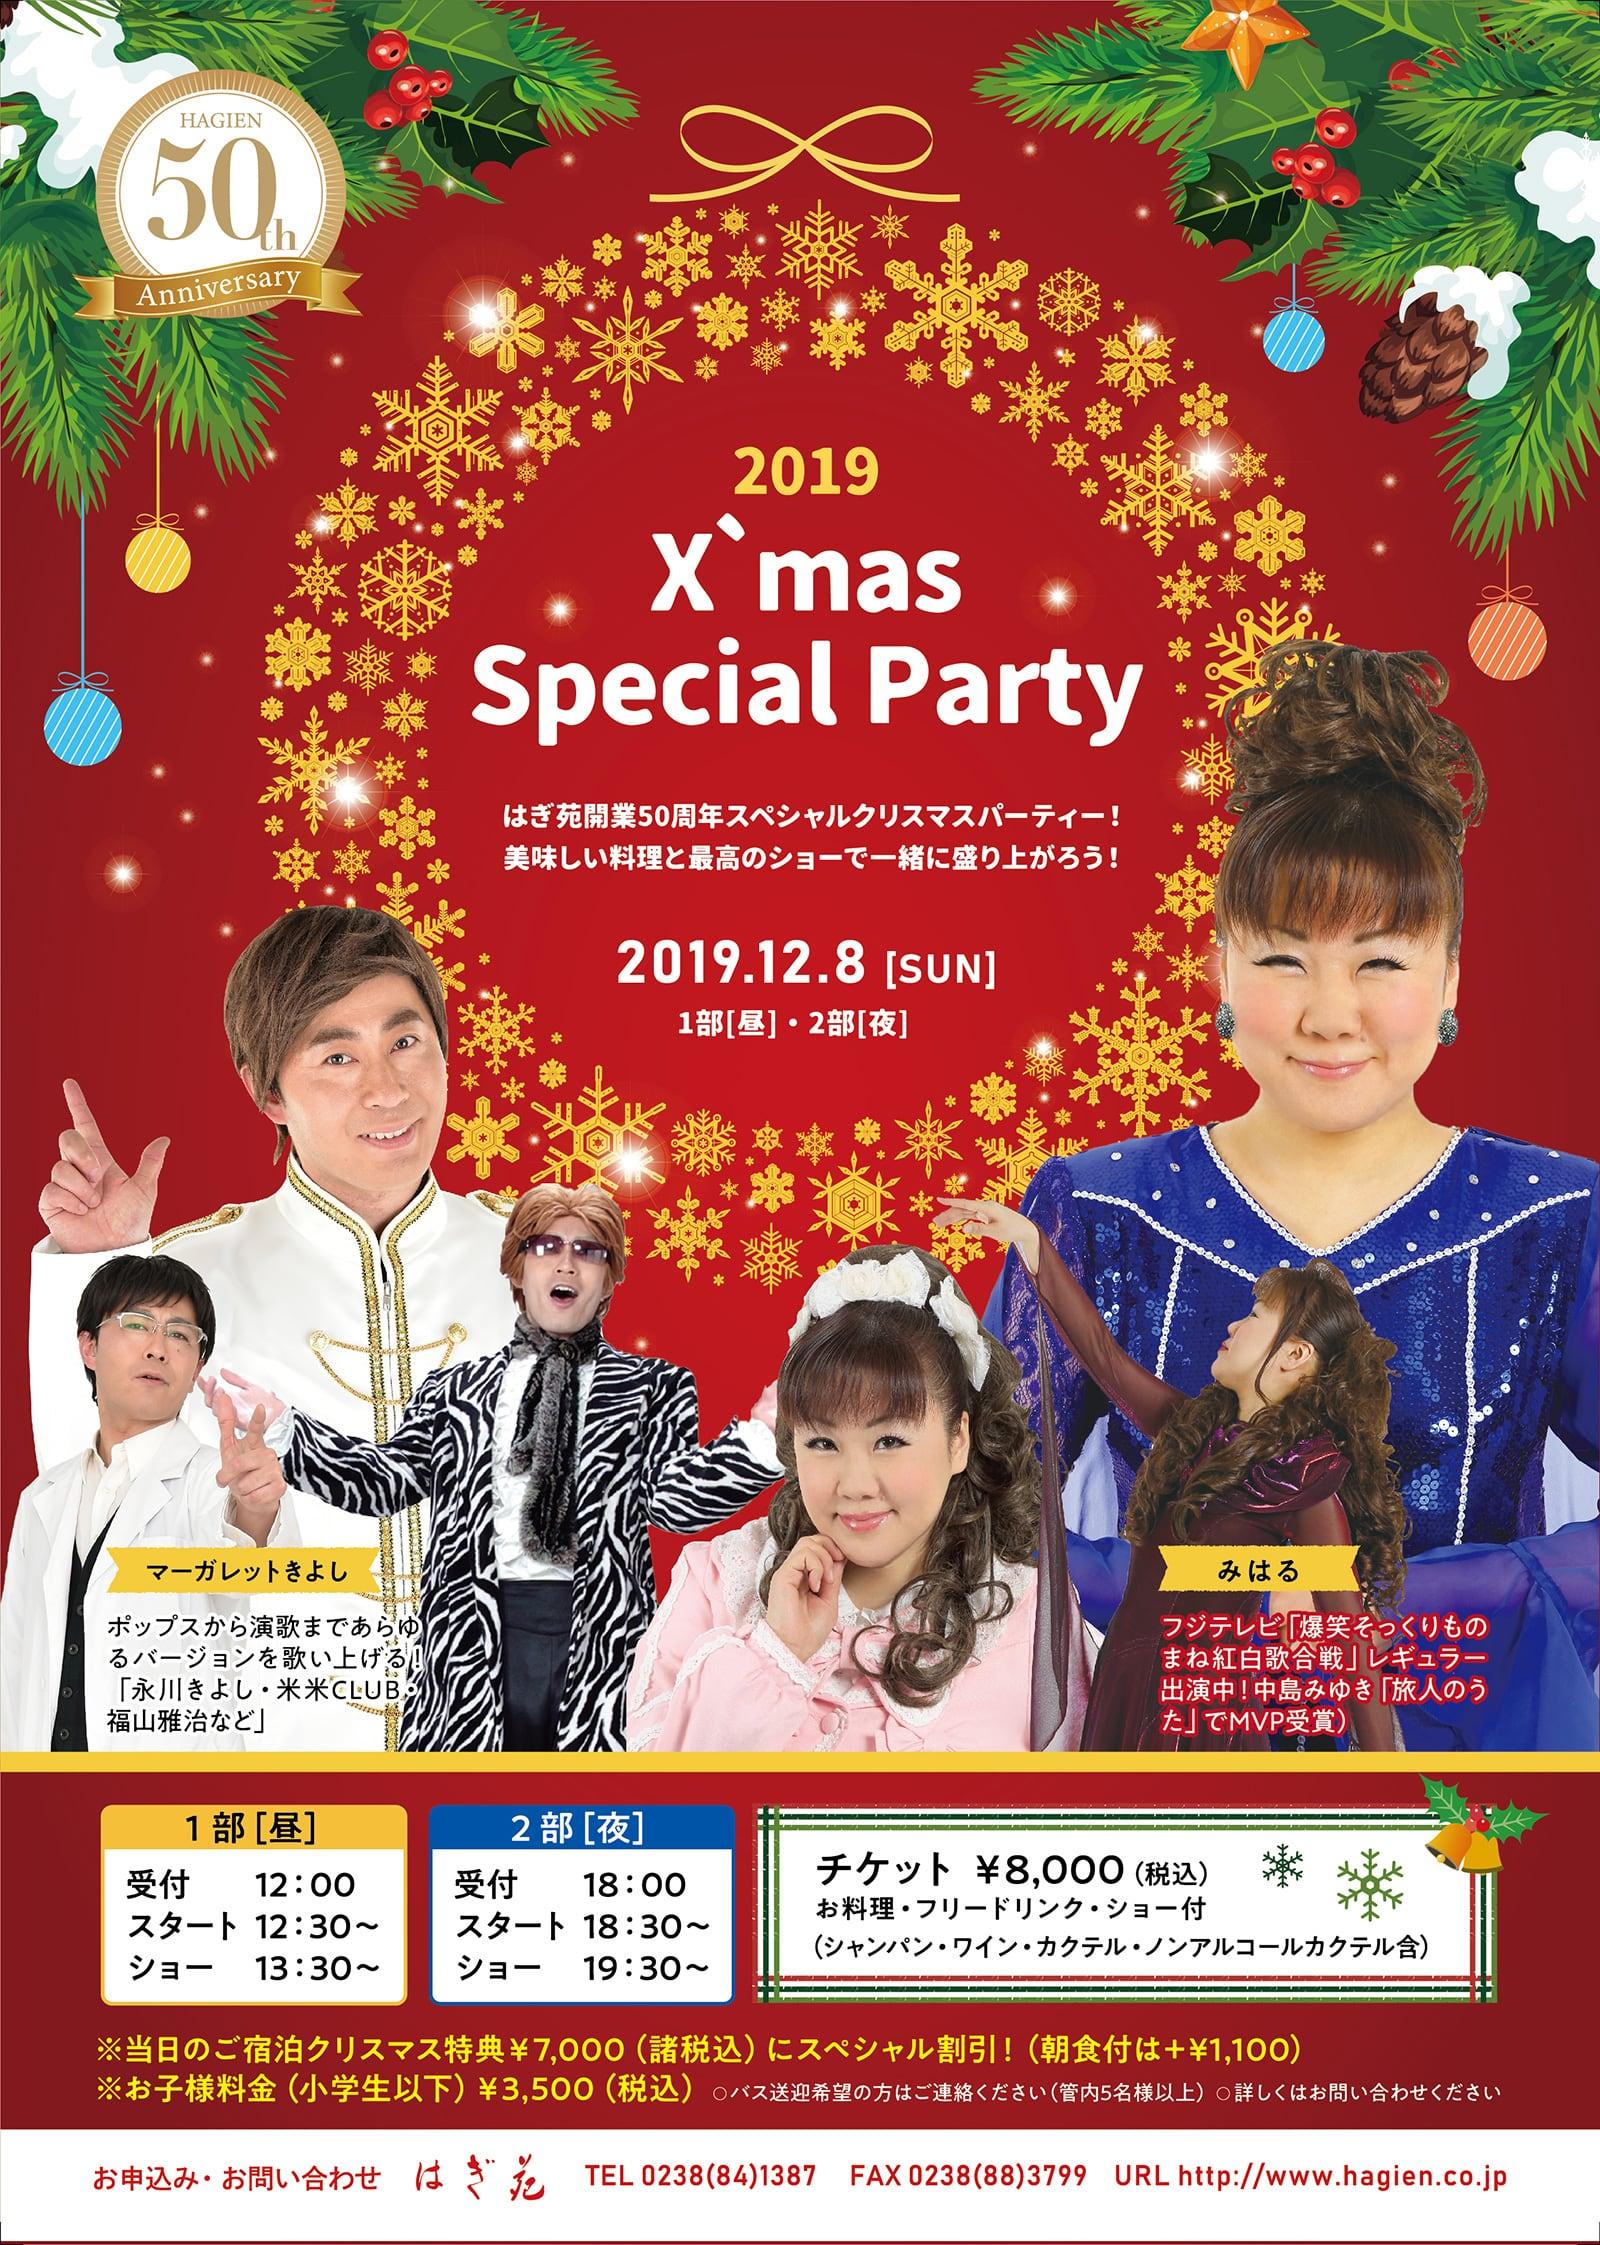 X'mas Special Party